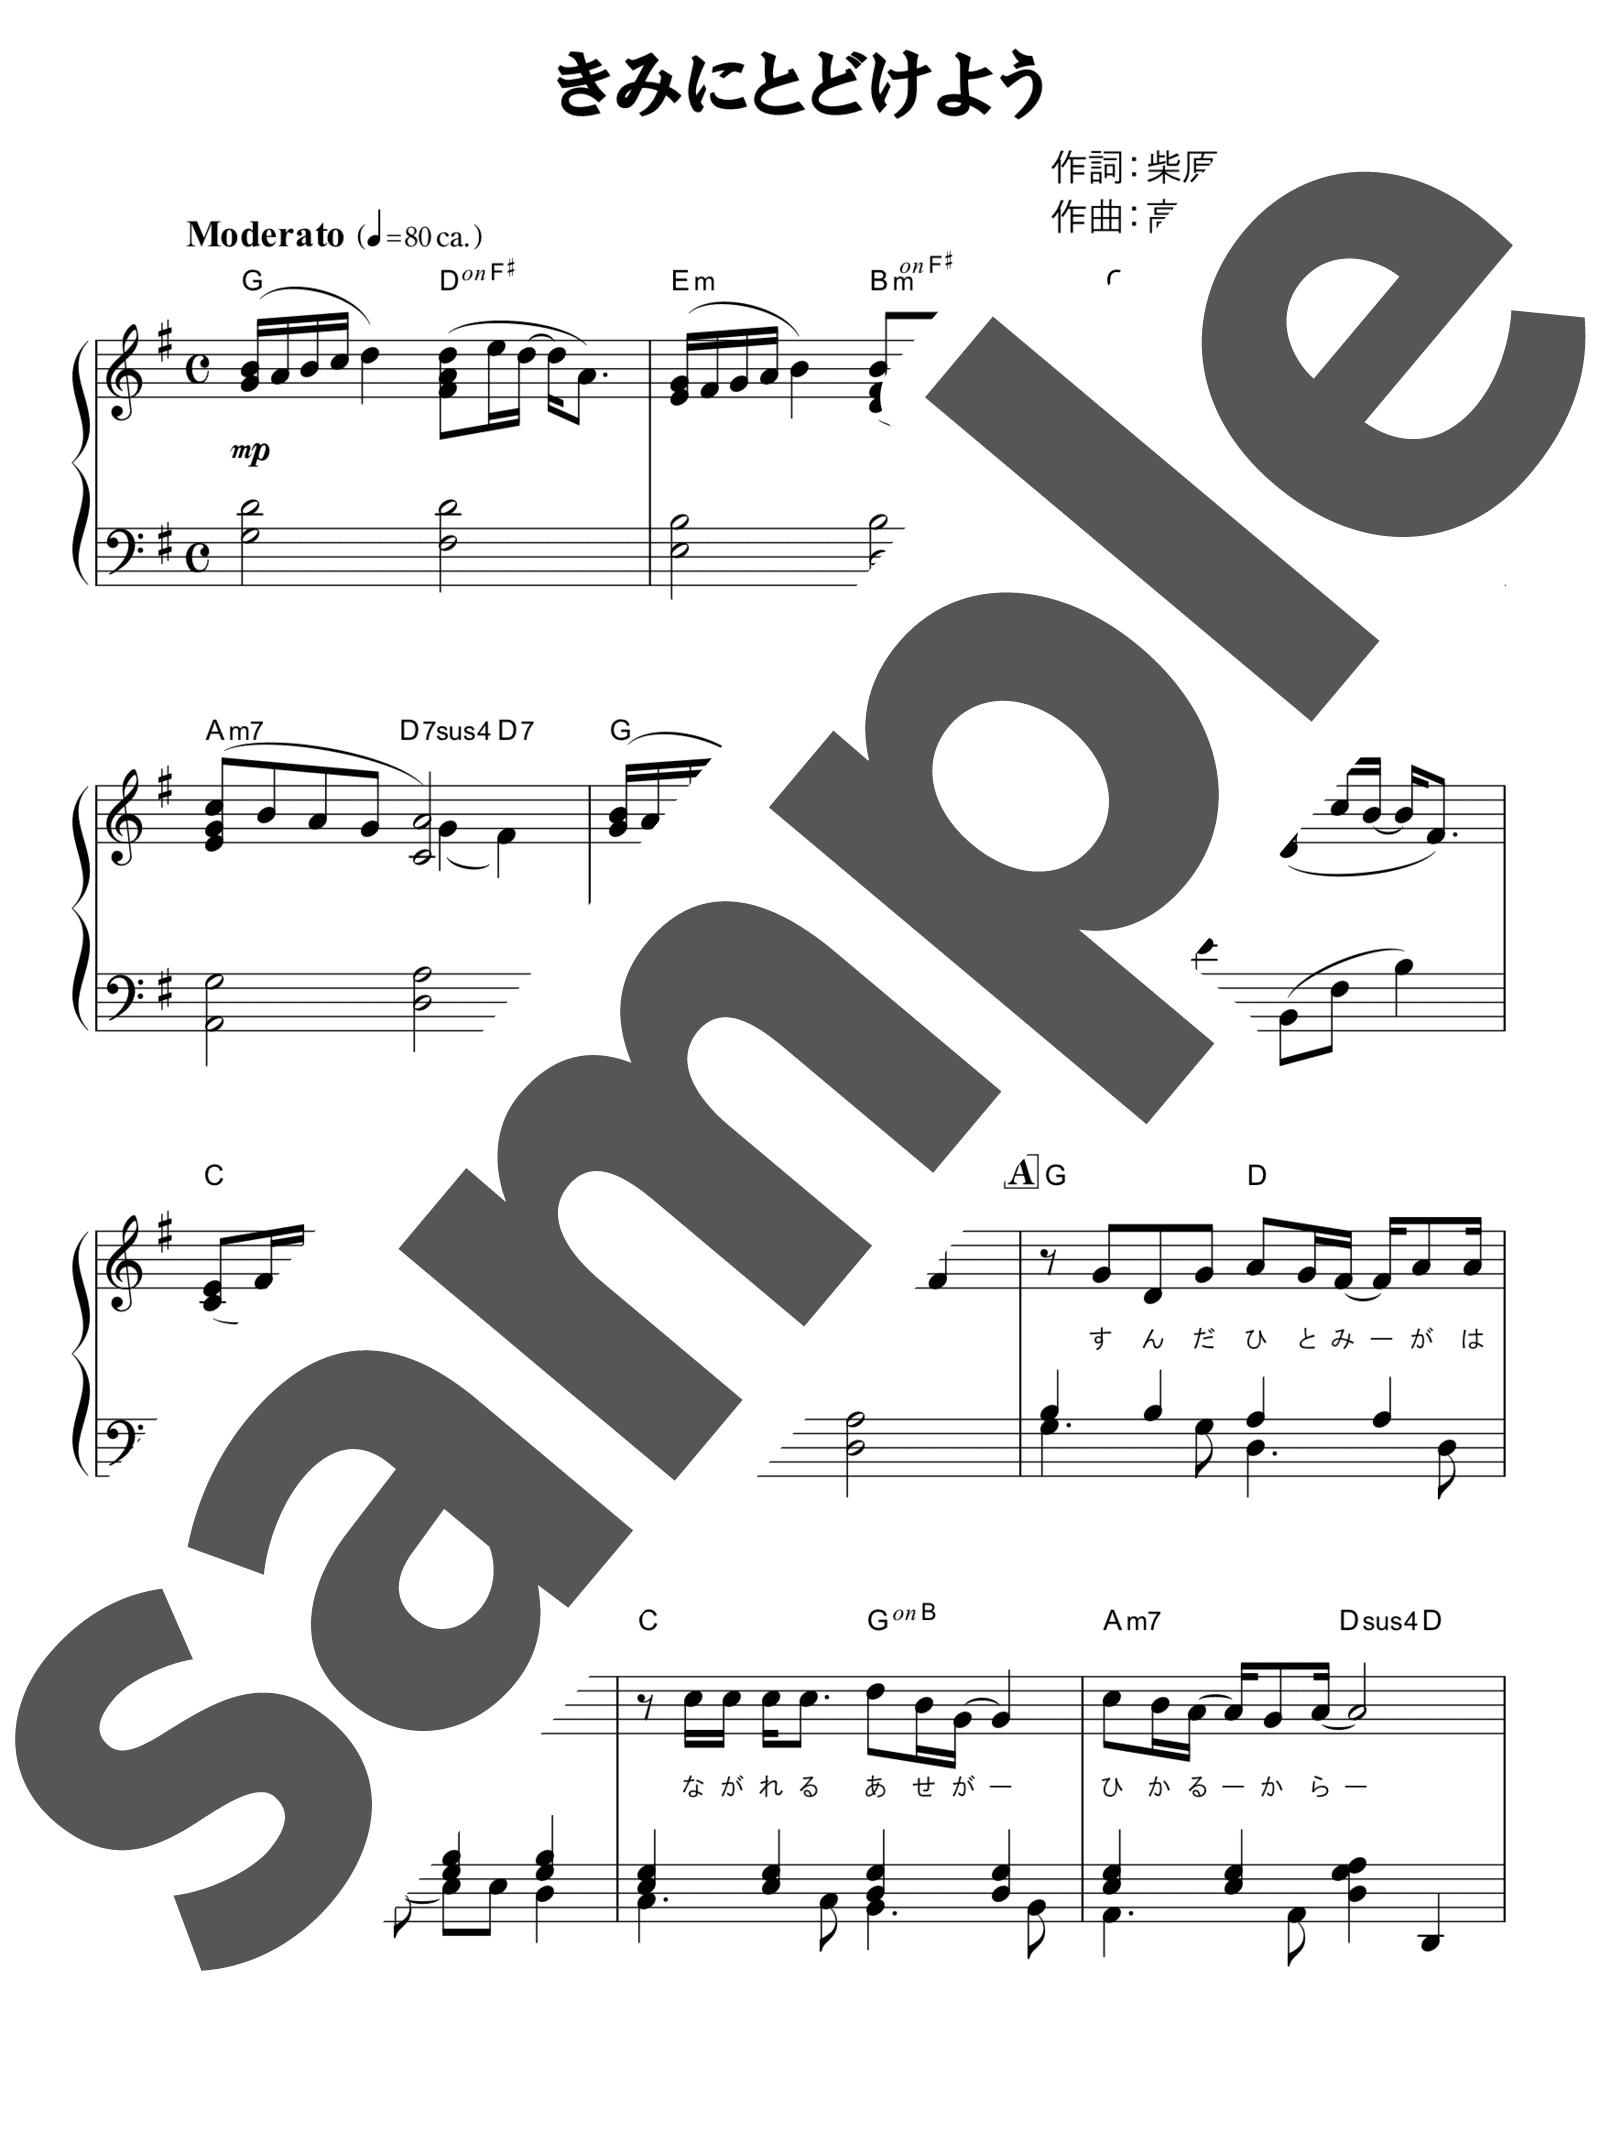 「きみにとどけよう」のサンプル楽譜